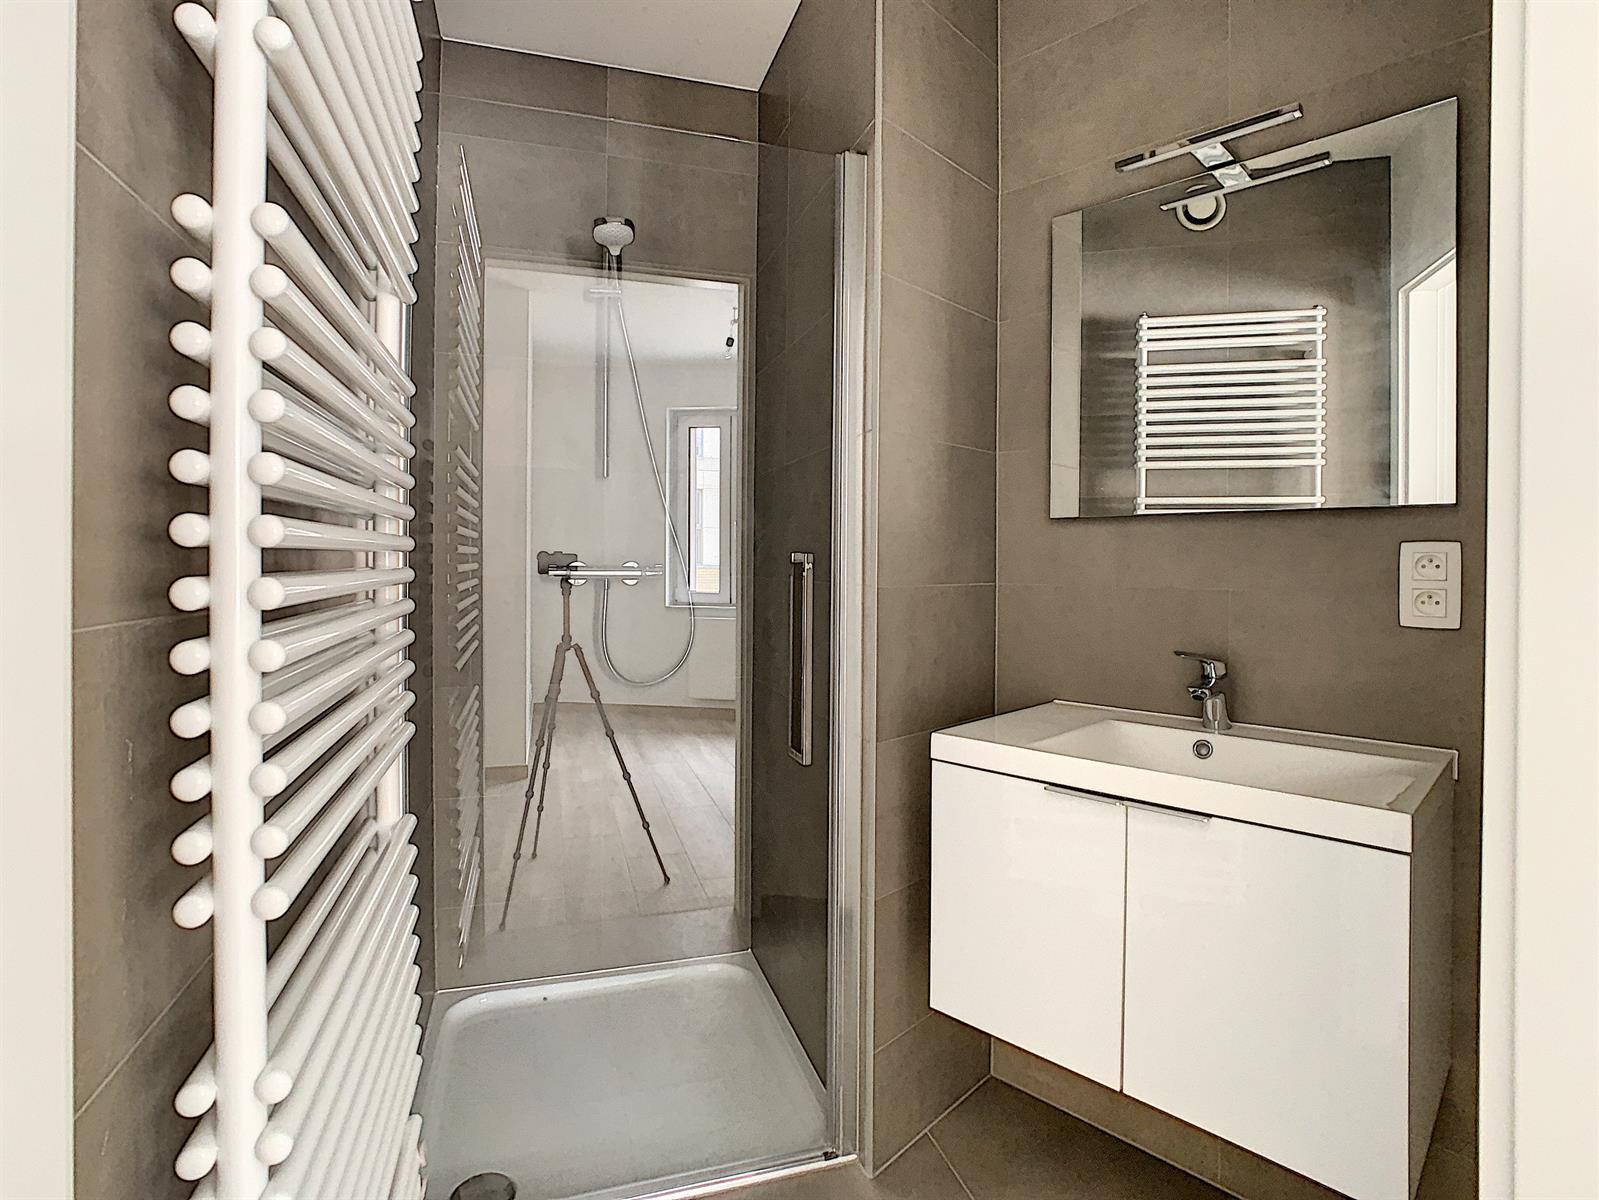 Appartement - Louvain-la-Neuve - #4149935-11